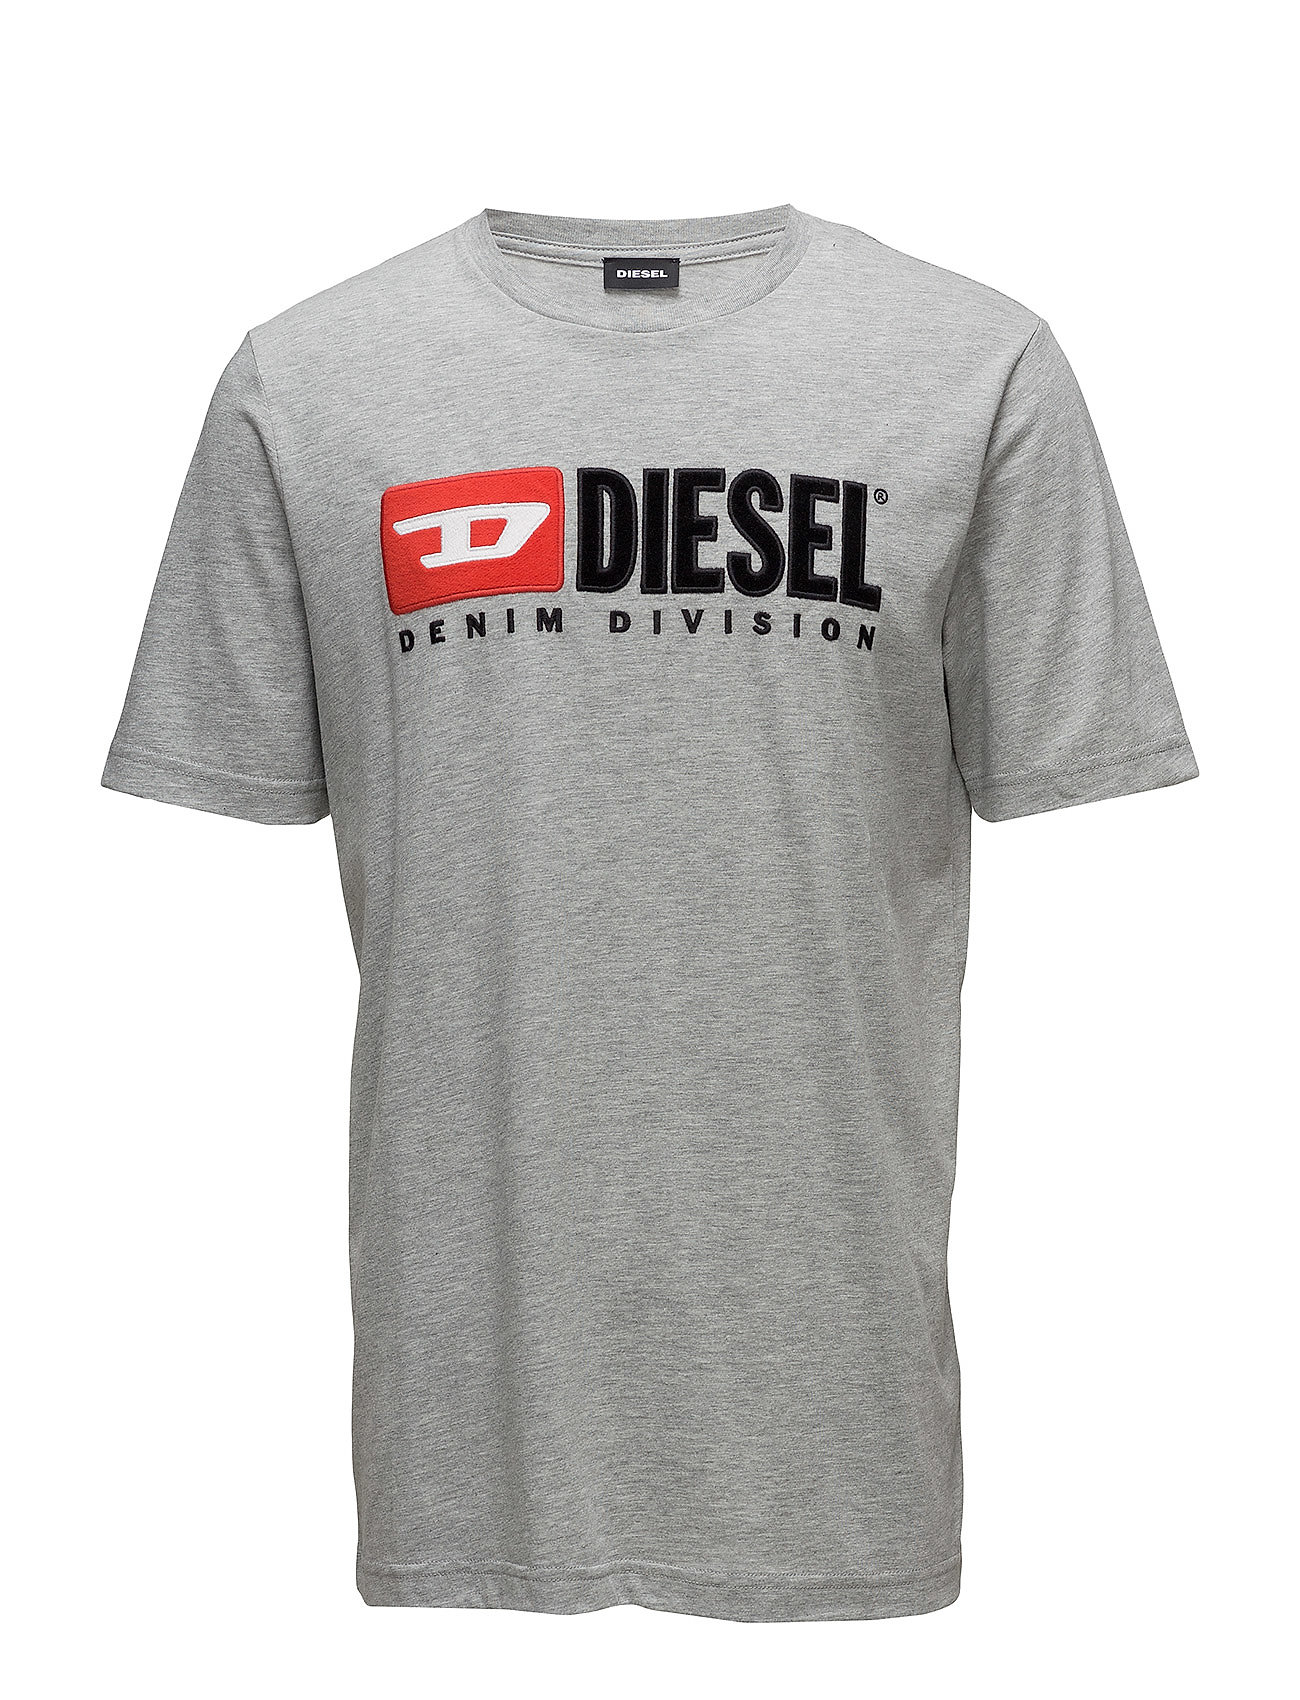 Diesel Men T-JUST-DIVISION T-SHIRT - LIGHT GREY MELANGE